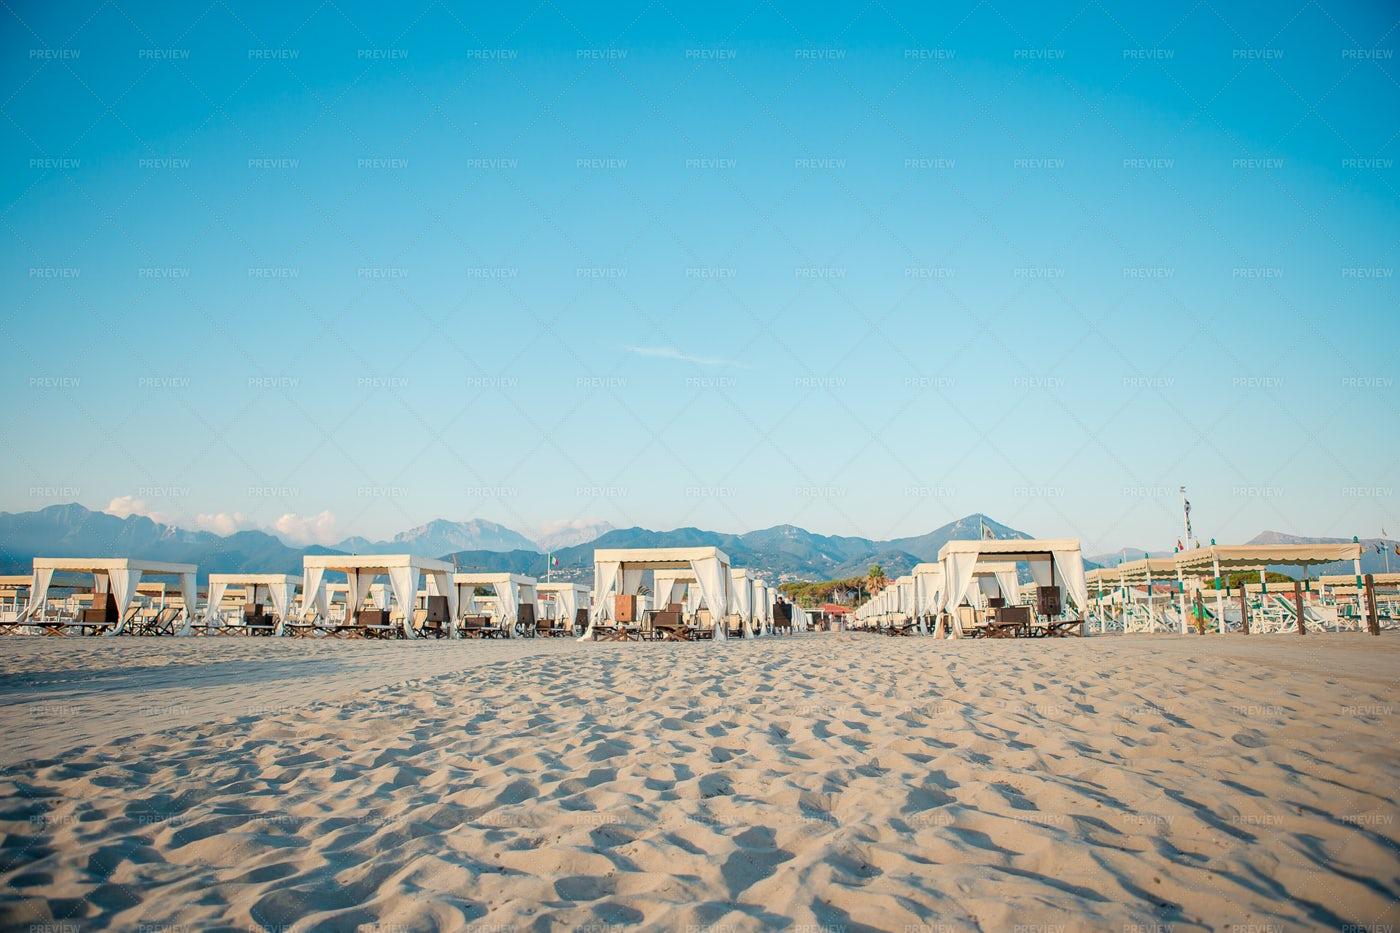 Sandy Beach On Tuscan Coastline: Stock Photos